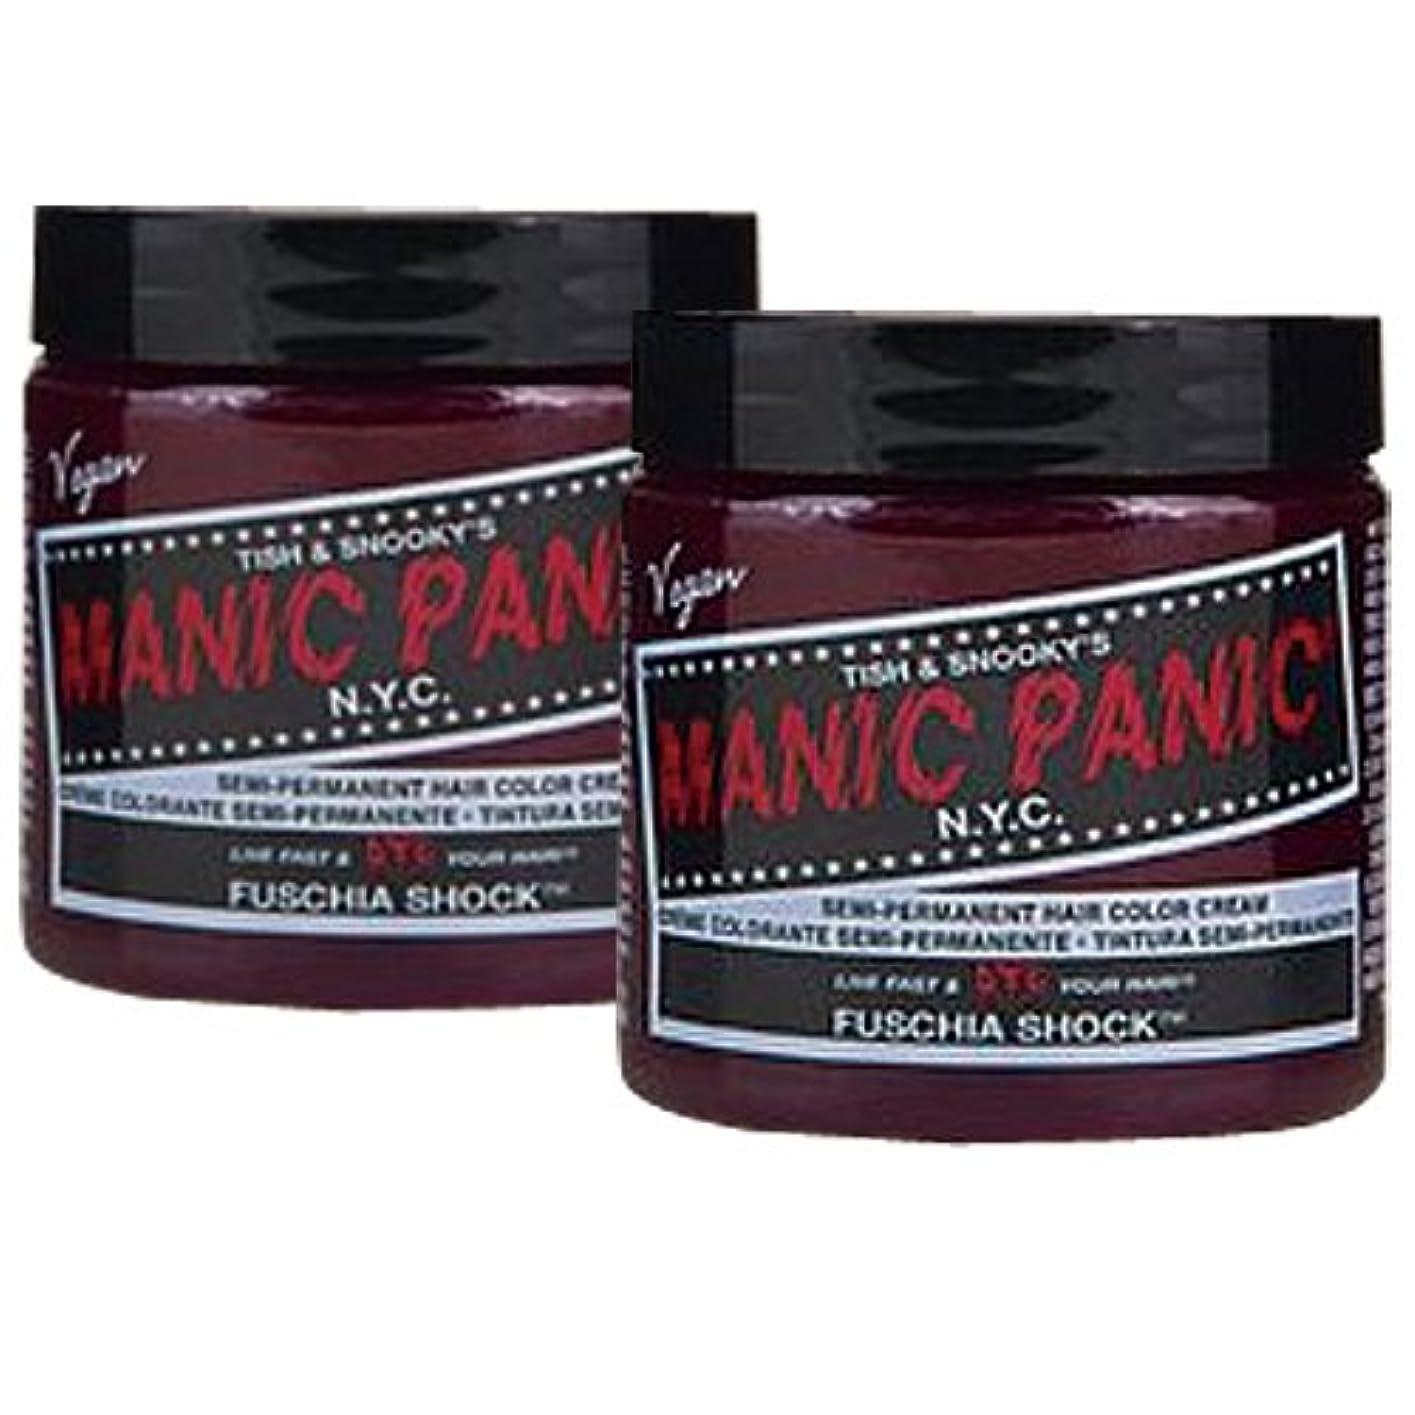 フォアマン再び敵意【2個セット】MANIC PANIC マニックパニック Fuschia Shock フューシャショック 118m